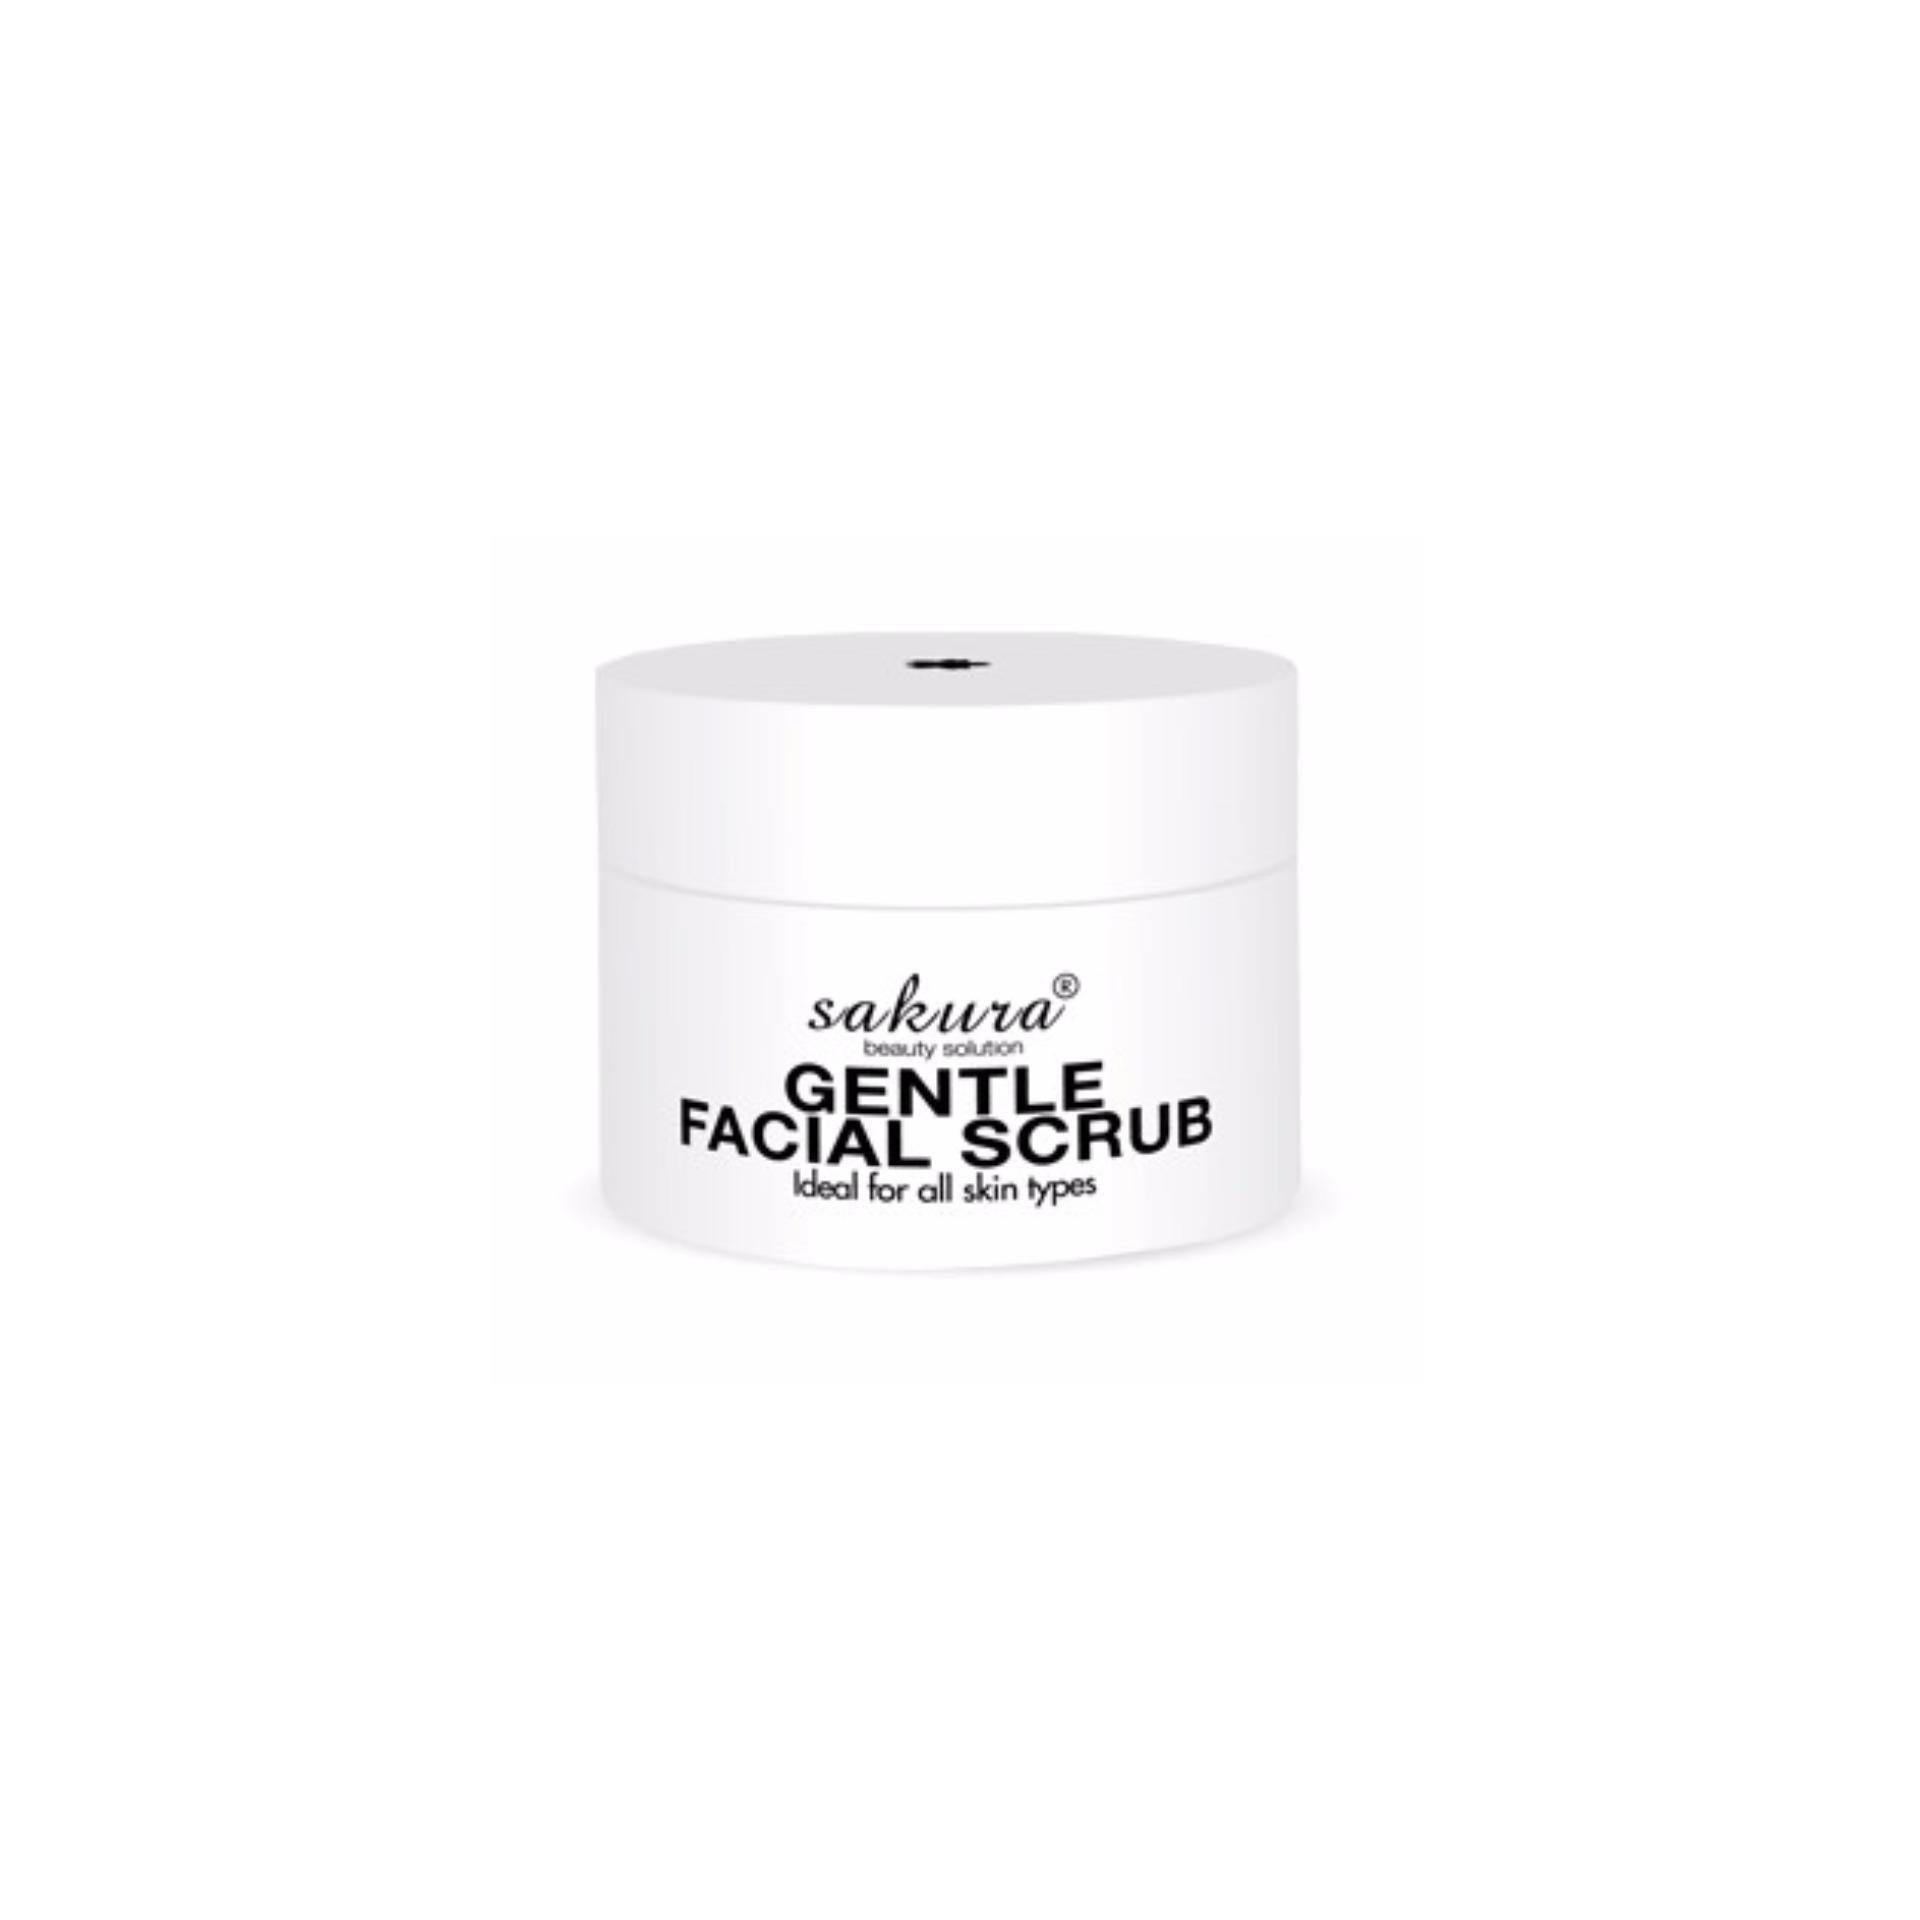 Kem Tẩy Tế Bào Chết Sakura Gentle Facial Scrub 30ml